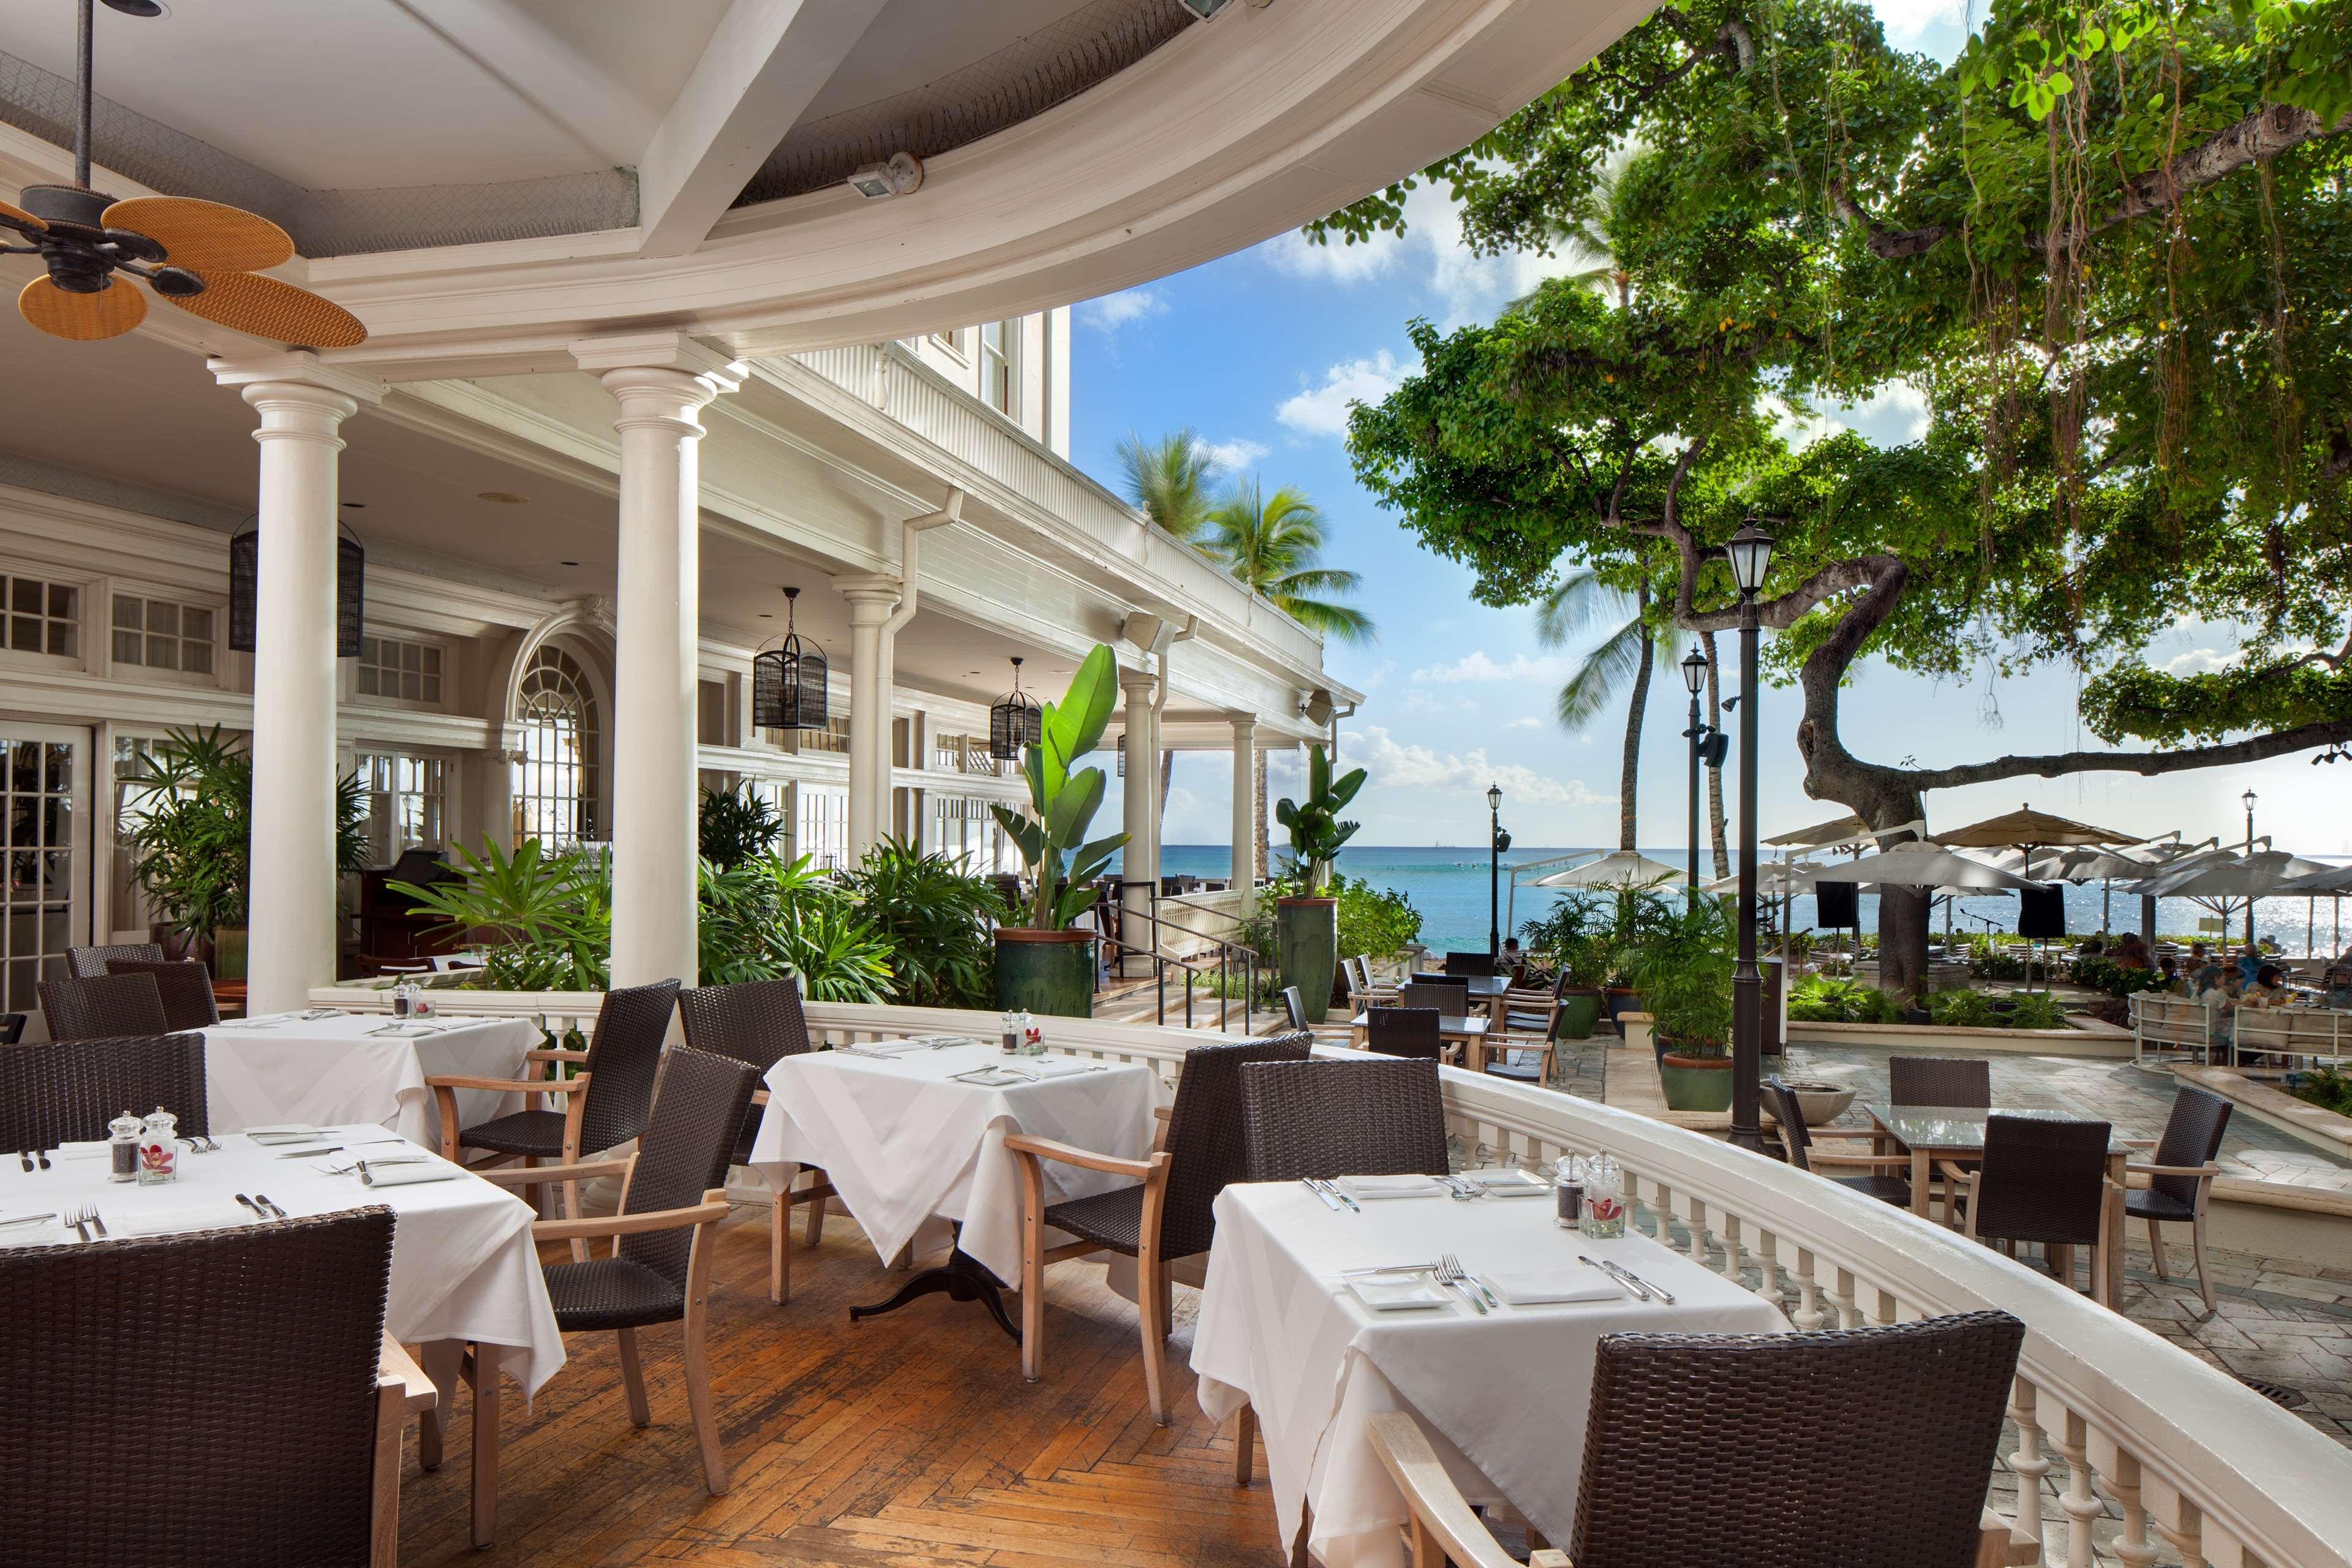 Moana Surfrider Hotel Restaurant